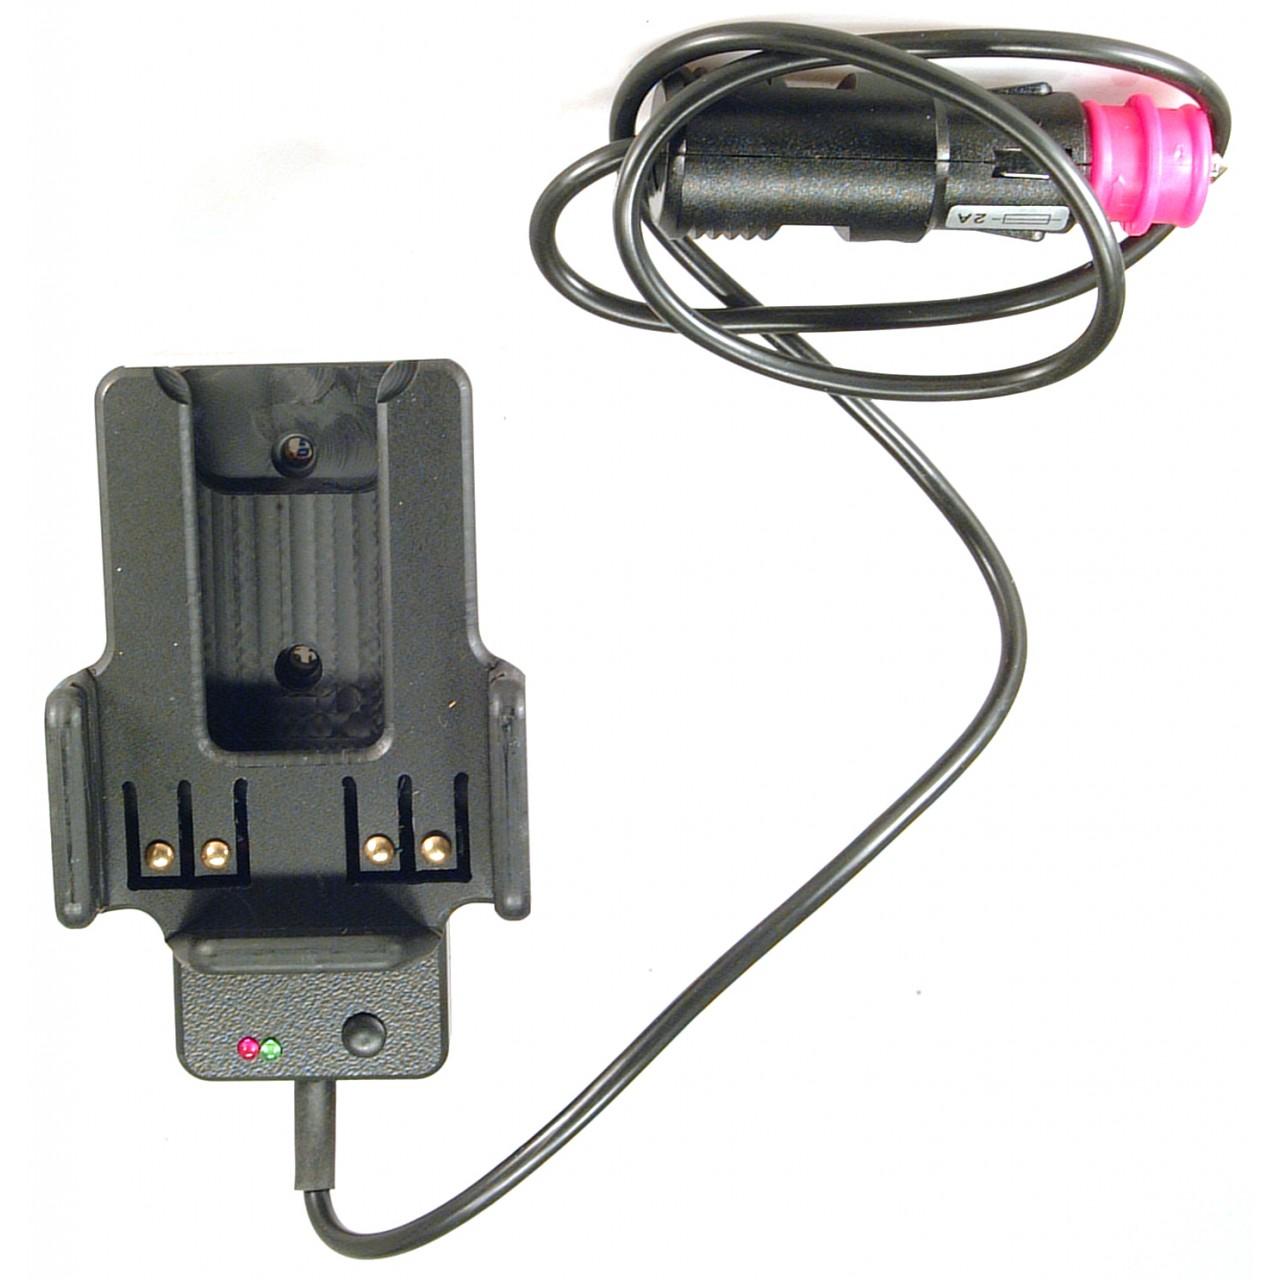 BC-SR89284 Chargeurs et alimentations - ICOM